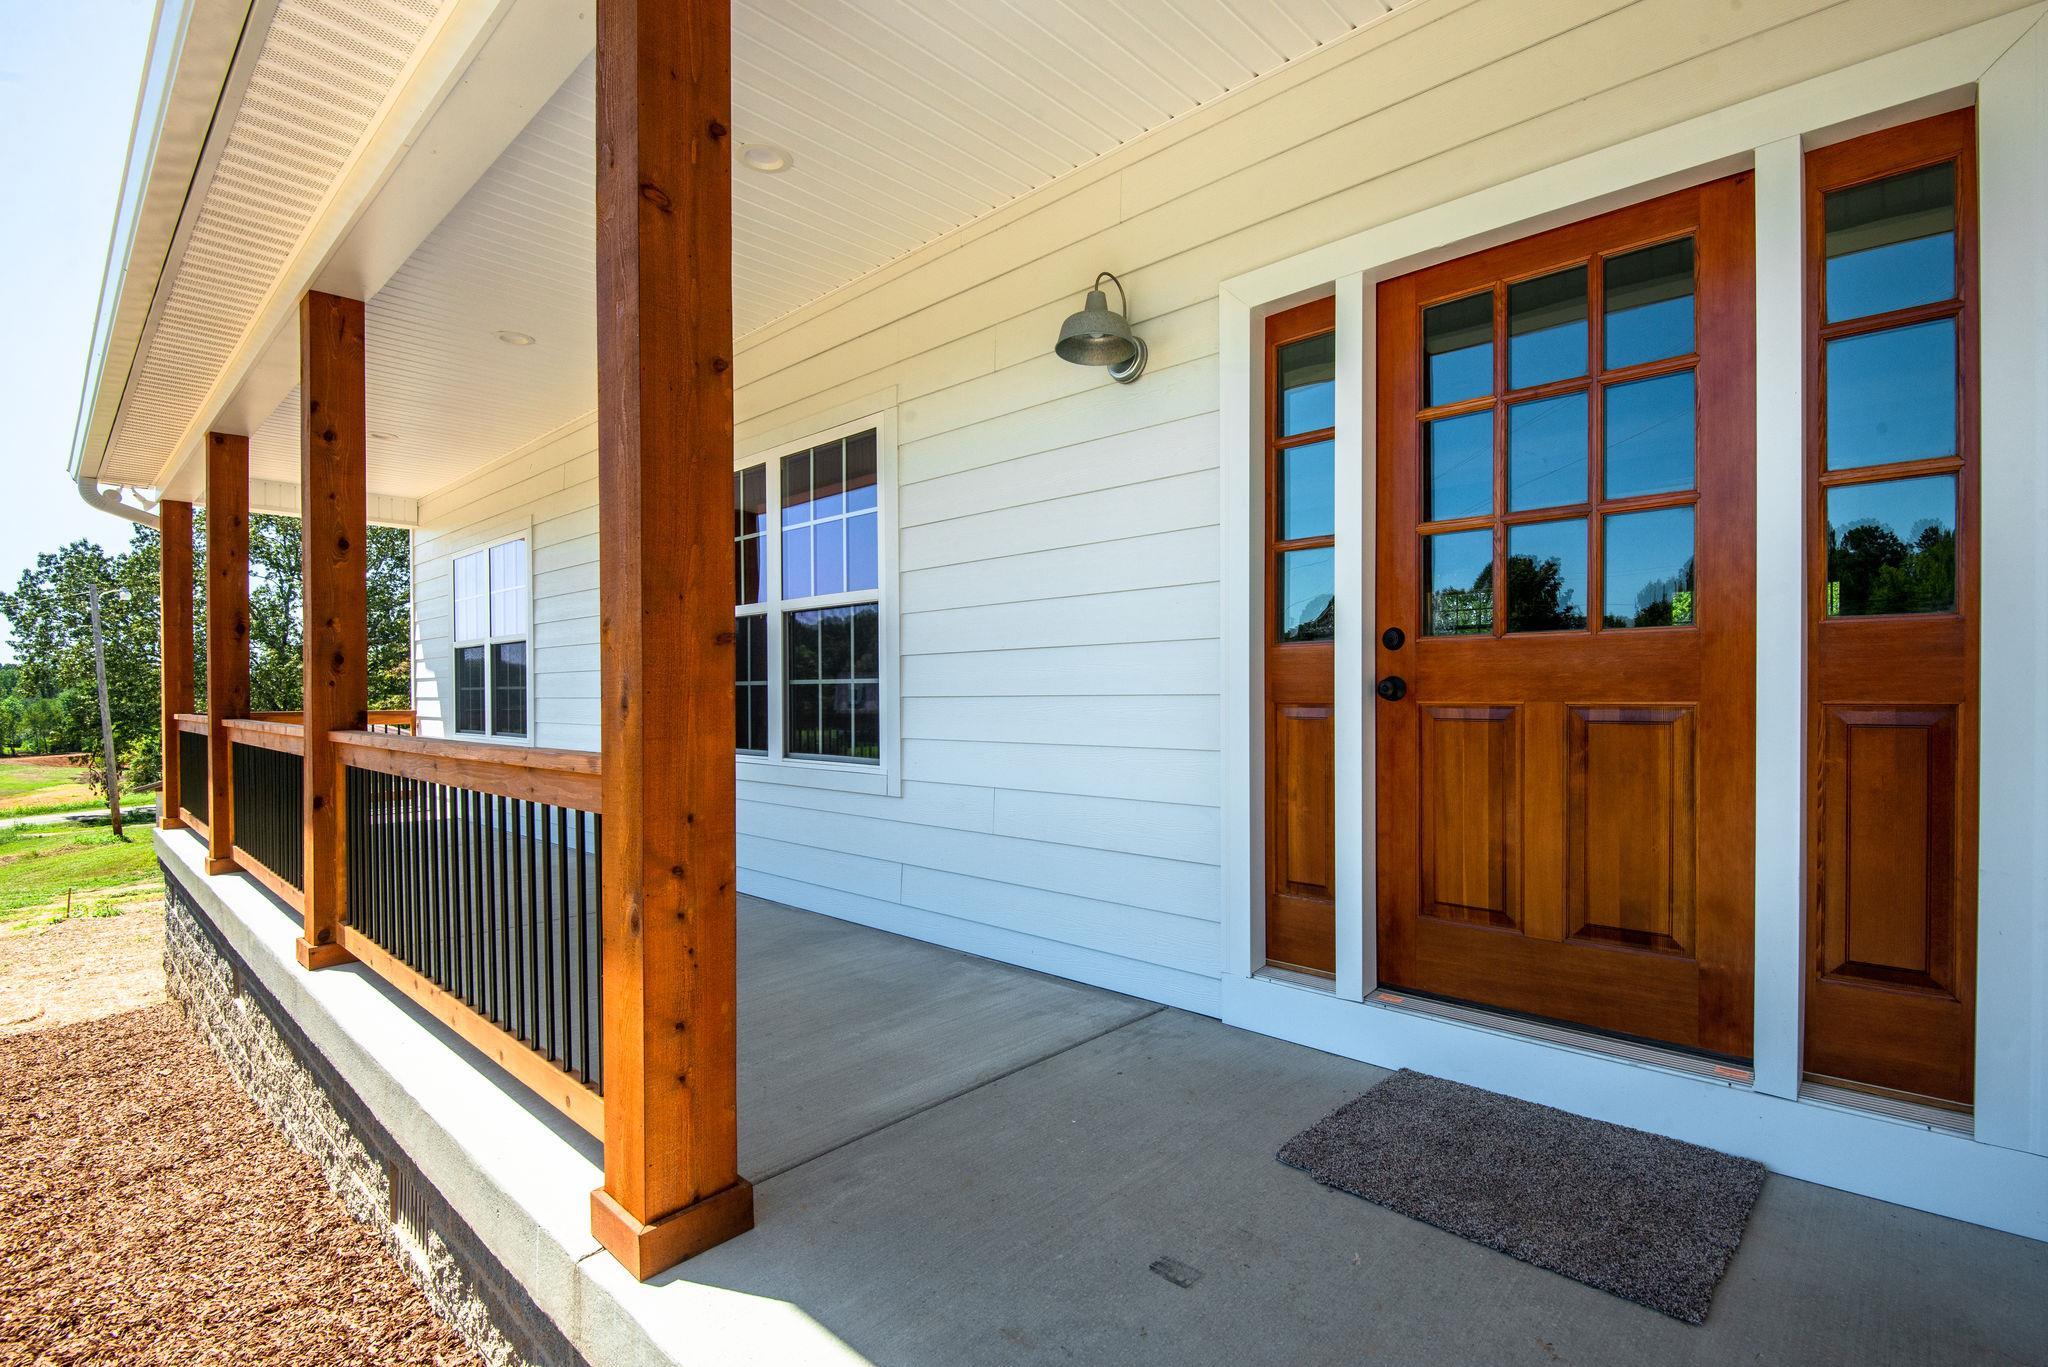 8038 Barren Fork Ln, Bon Aqua, TN 37025 - Bon Aqua, TN real estate listing